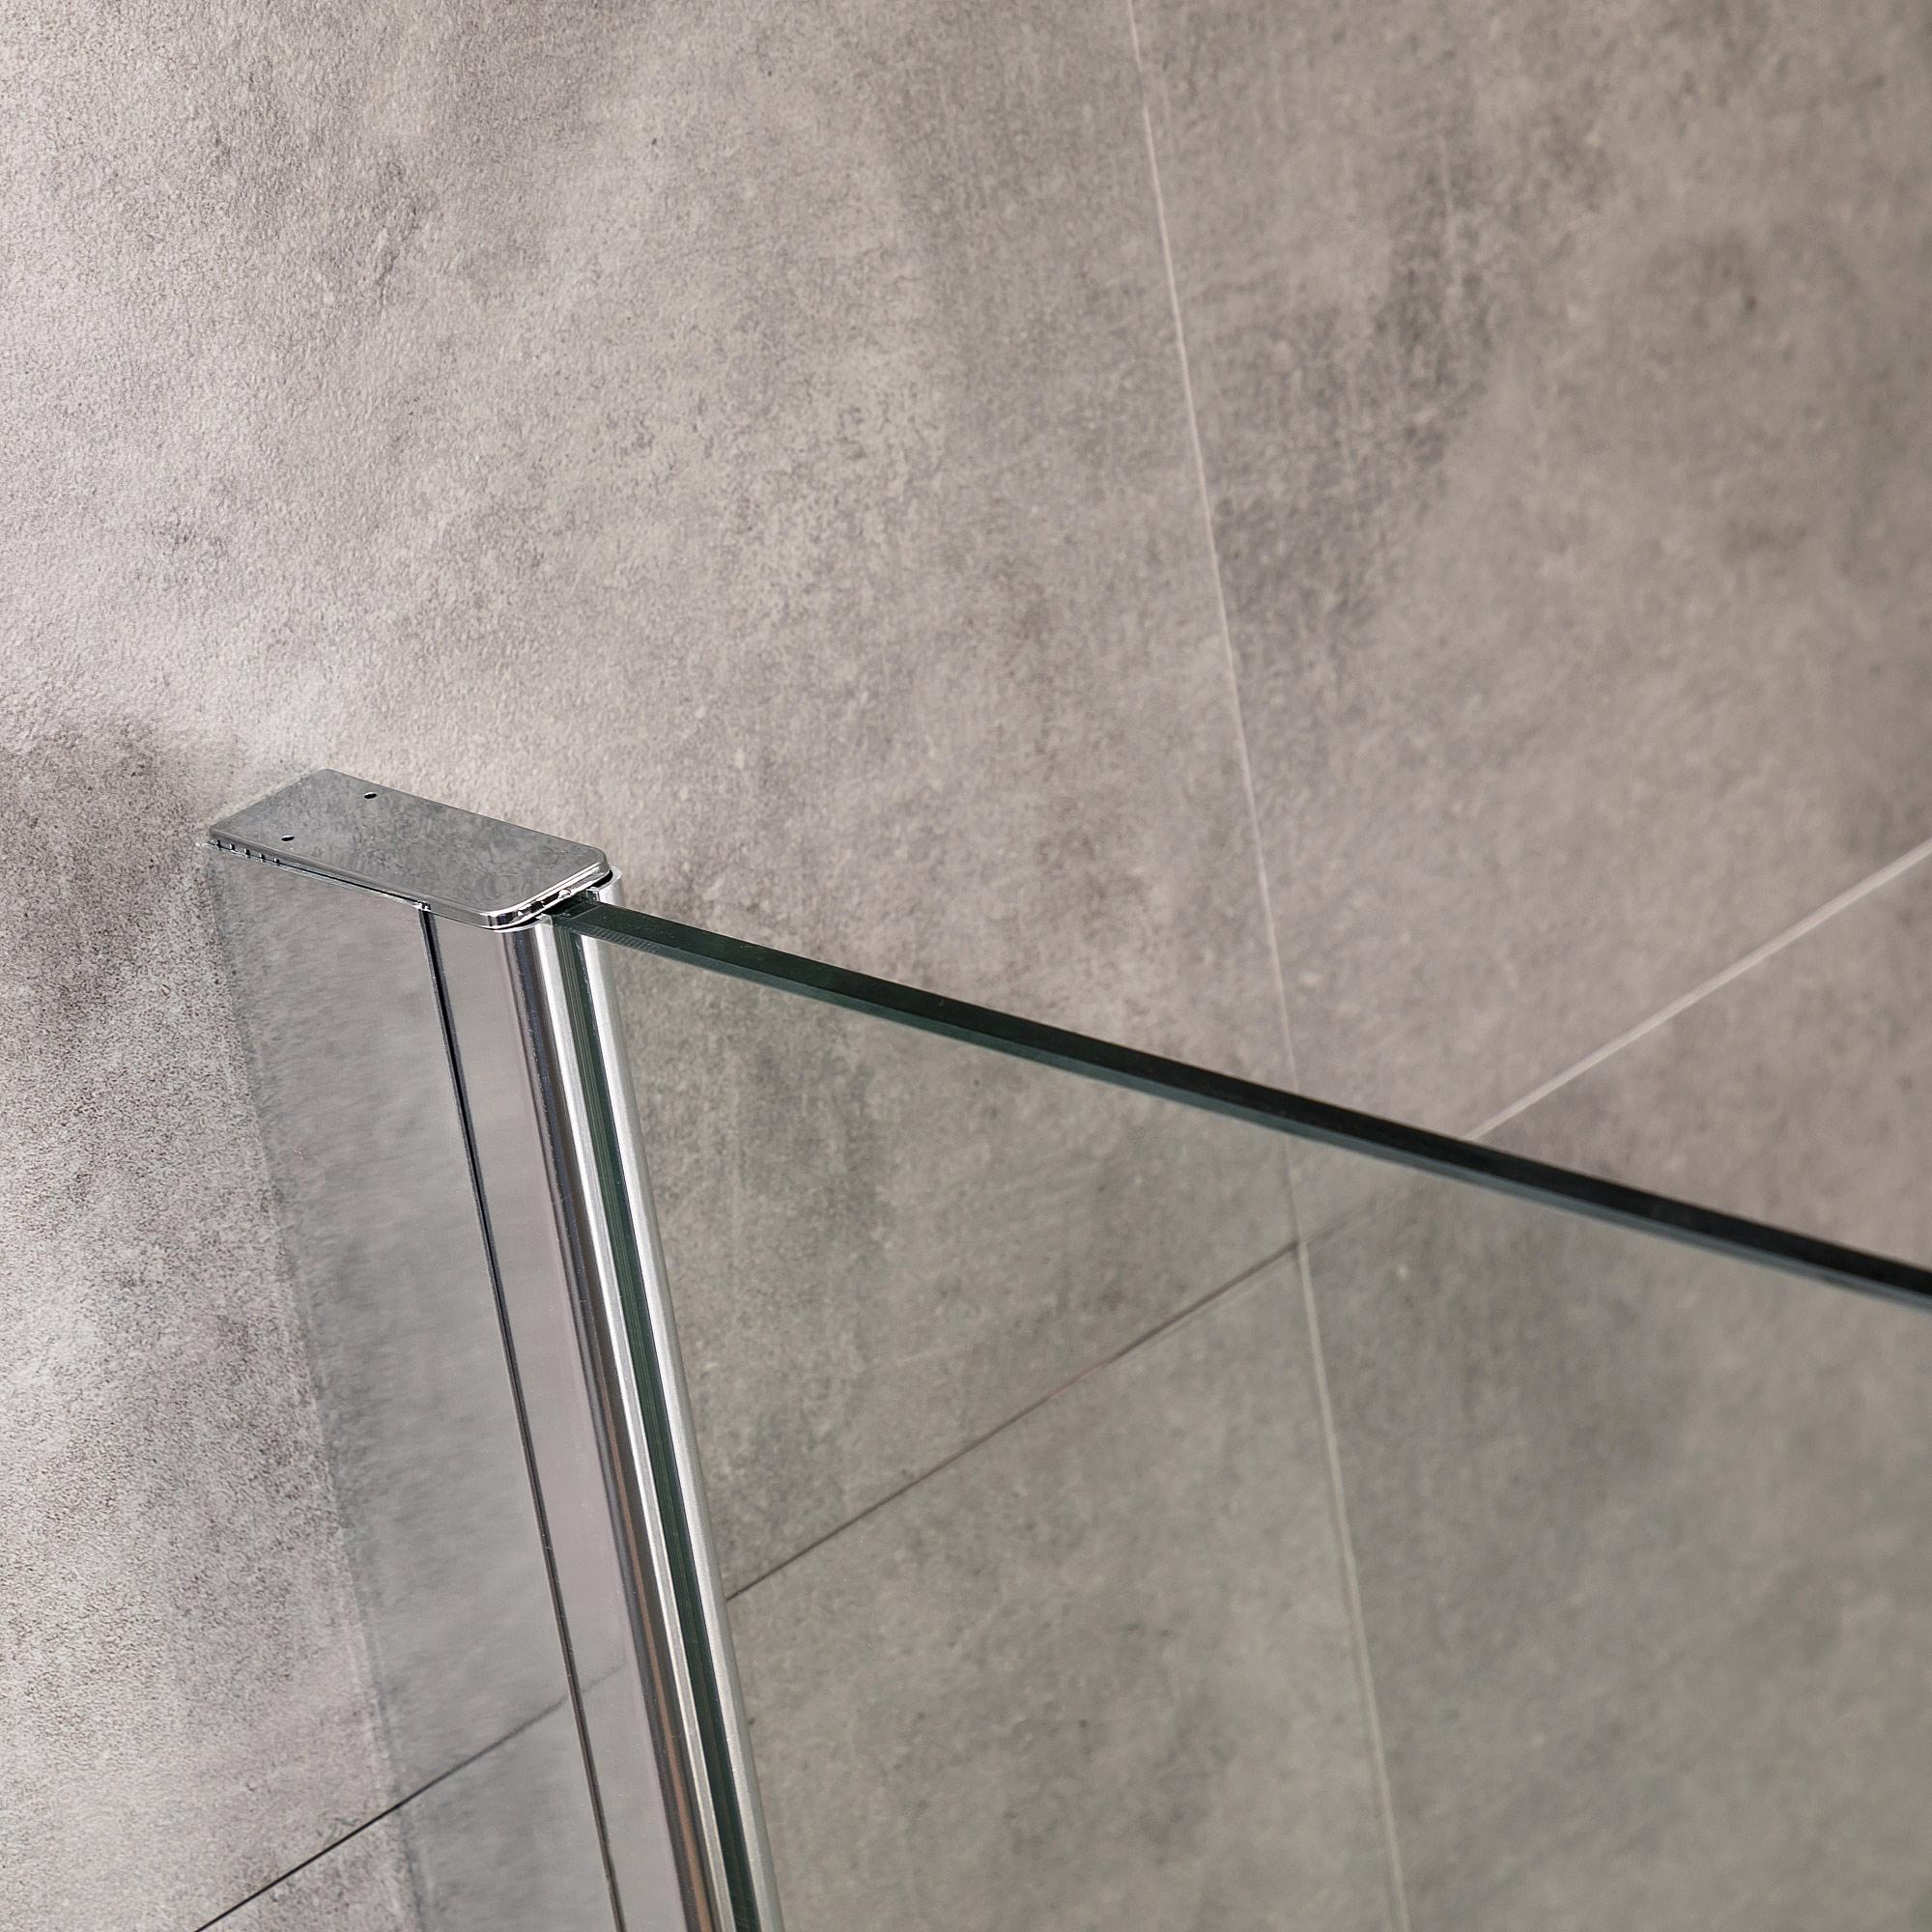 Viesta Duschwand, Duschtrennwand DW70 - Duschabtrennung aus ESG Sicherheitsglas mit Nano-Beschichtung und Montagezubehör 70x195 cm